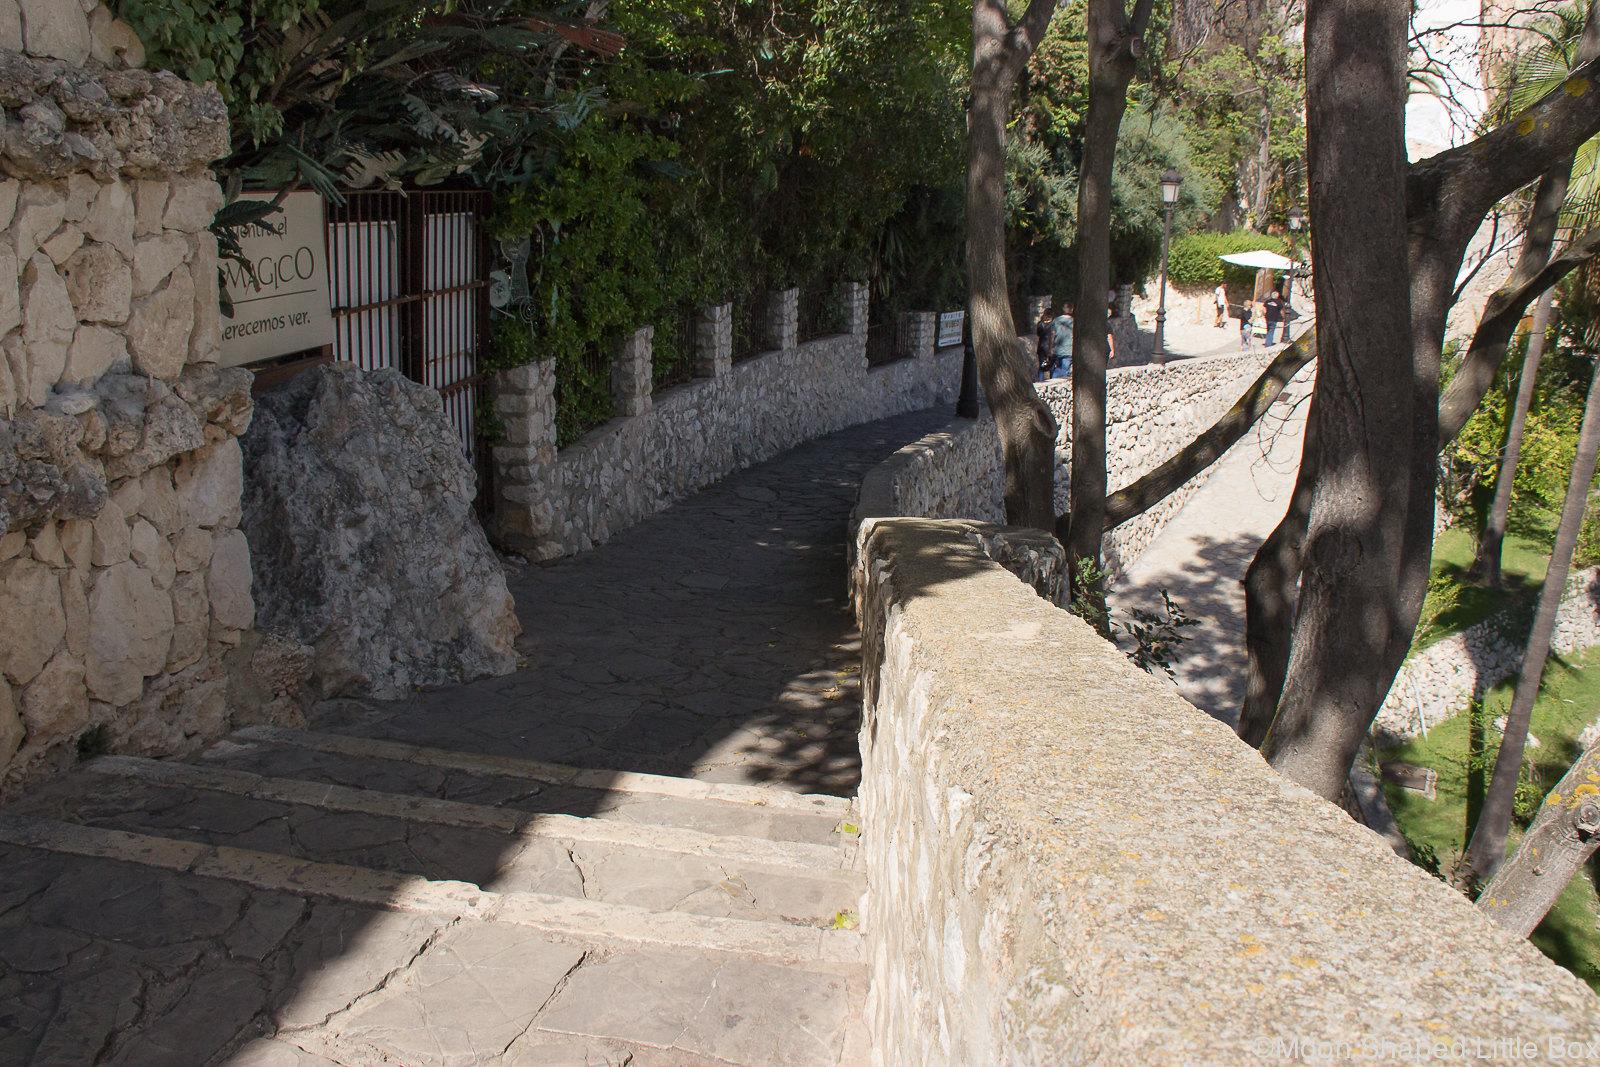 Guadalest_Spain_Espanja_2018-9